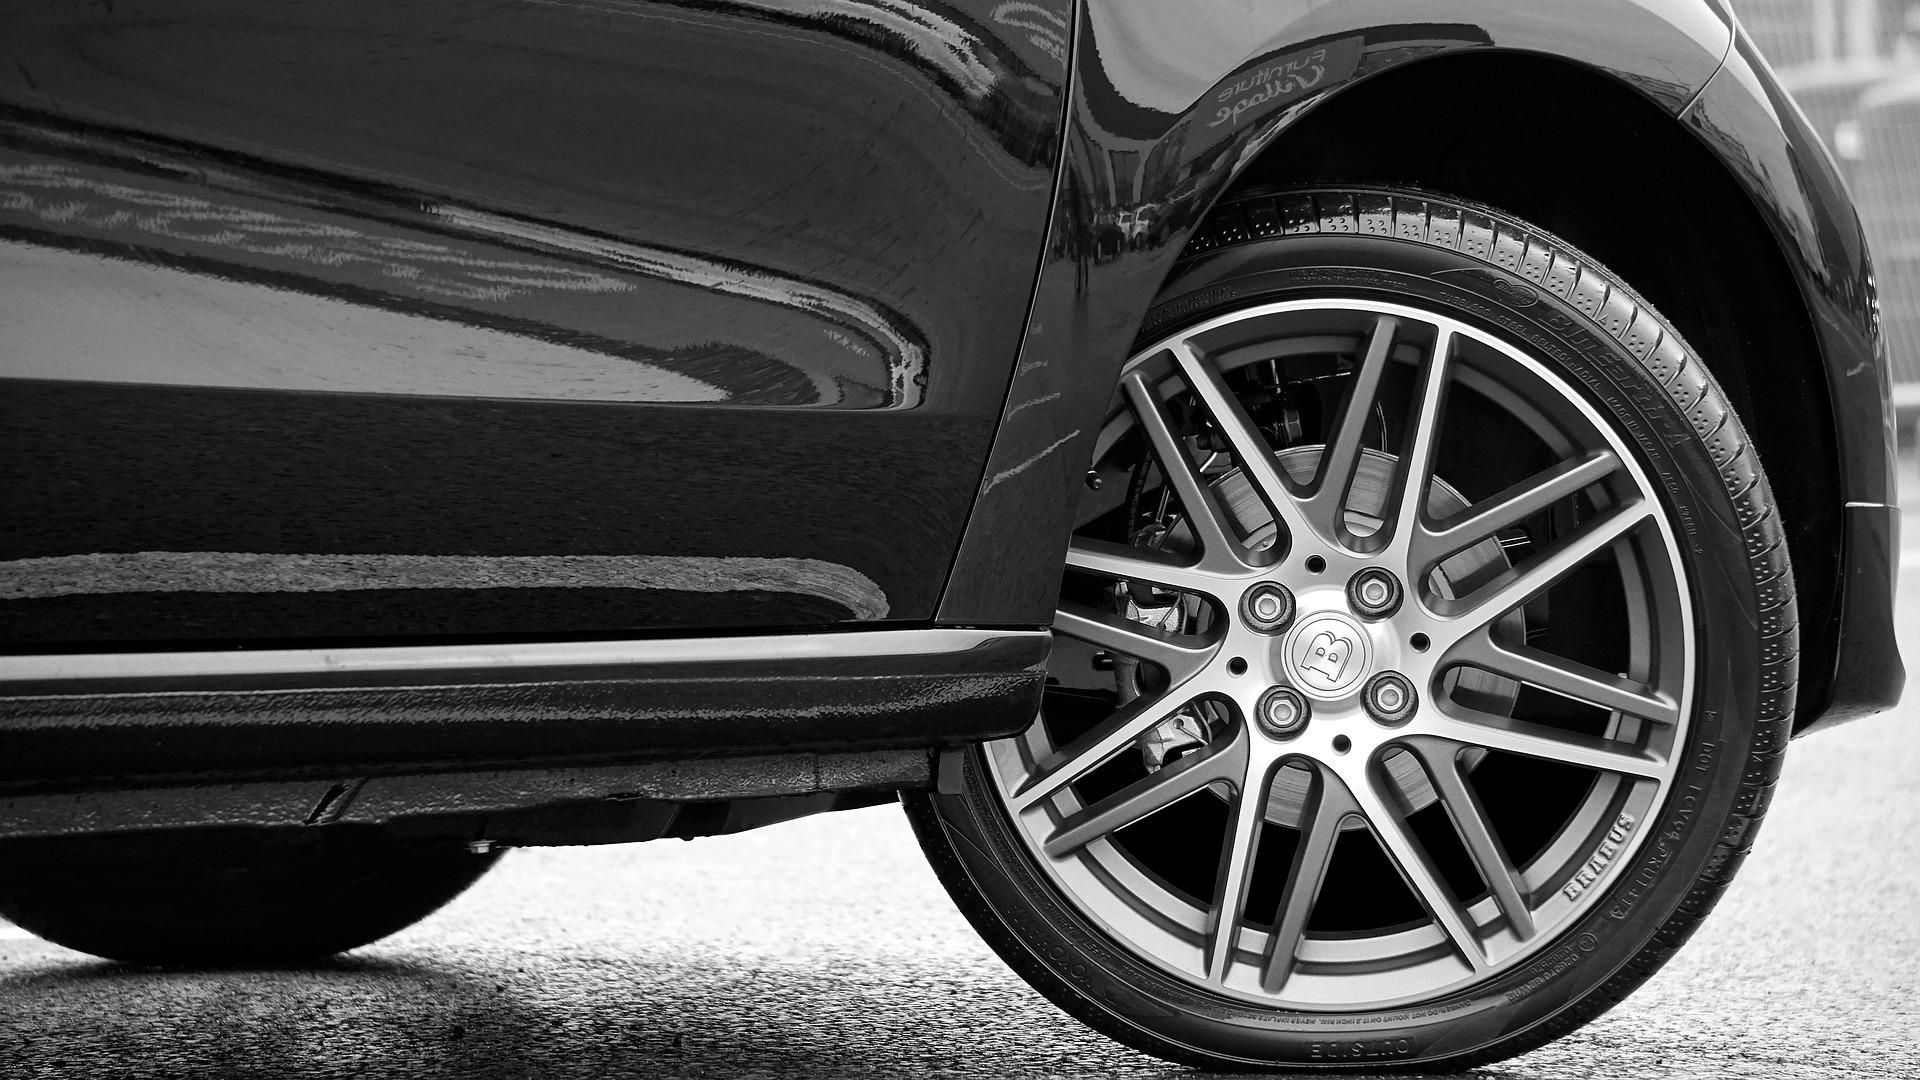 Le pneu connecté, la prochaine évolution du marché?